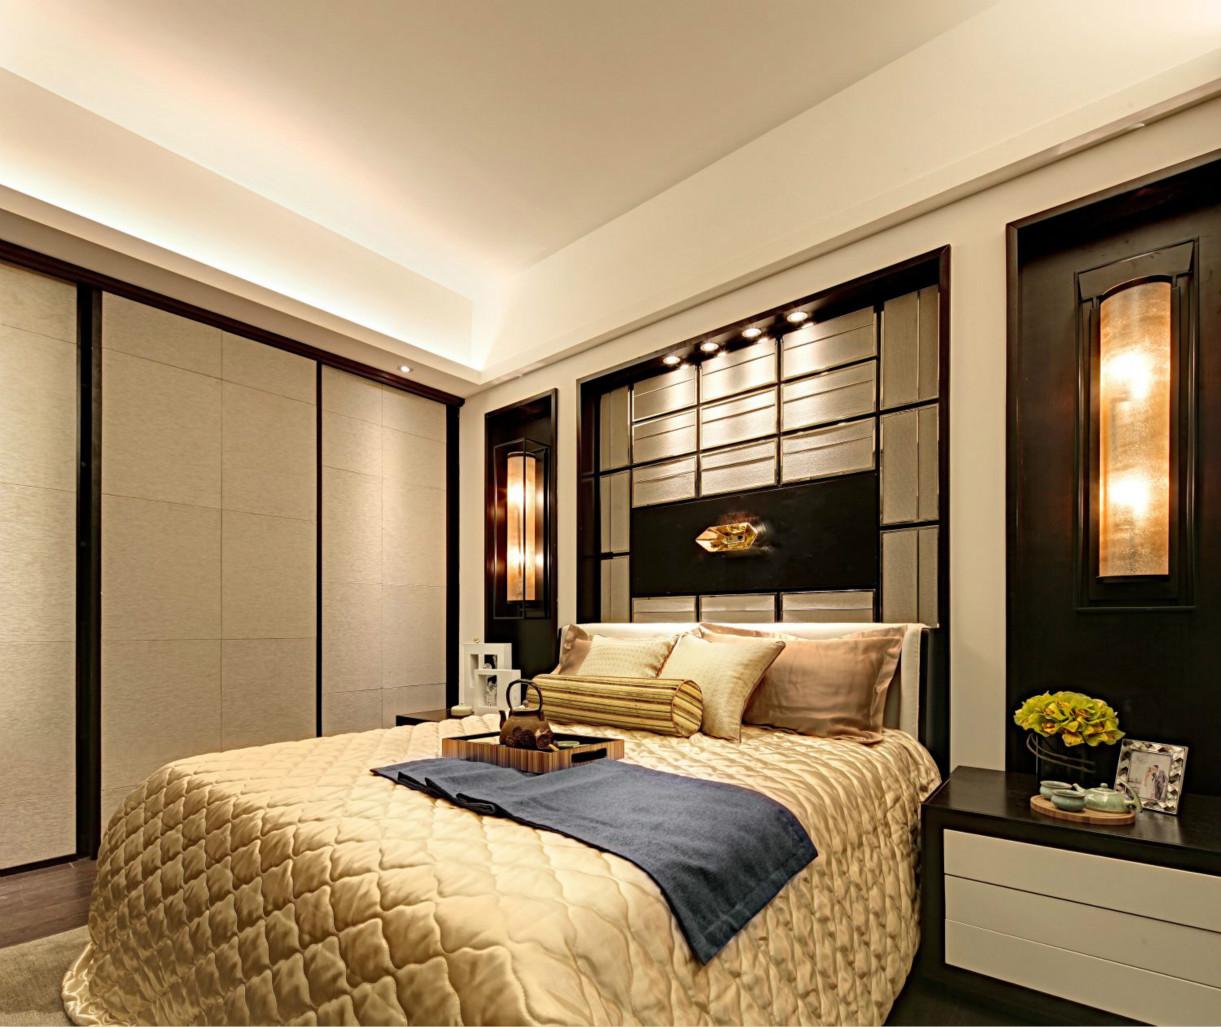 卧室装修简单而不失大气,欧式风情洋溢在房间每一个角落,绿色的盆栽让房间更有生气